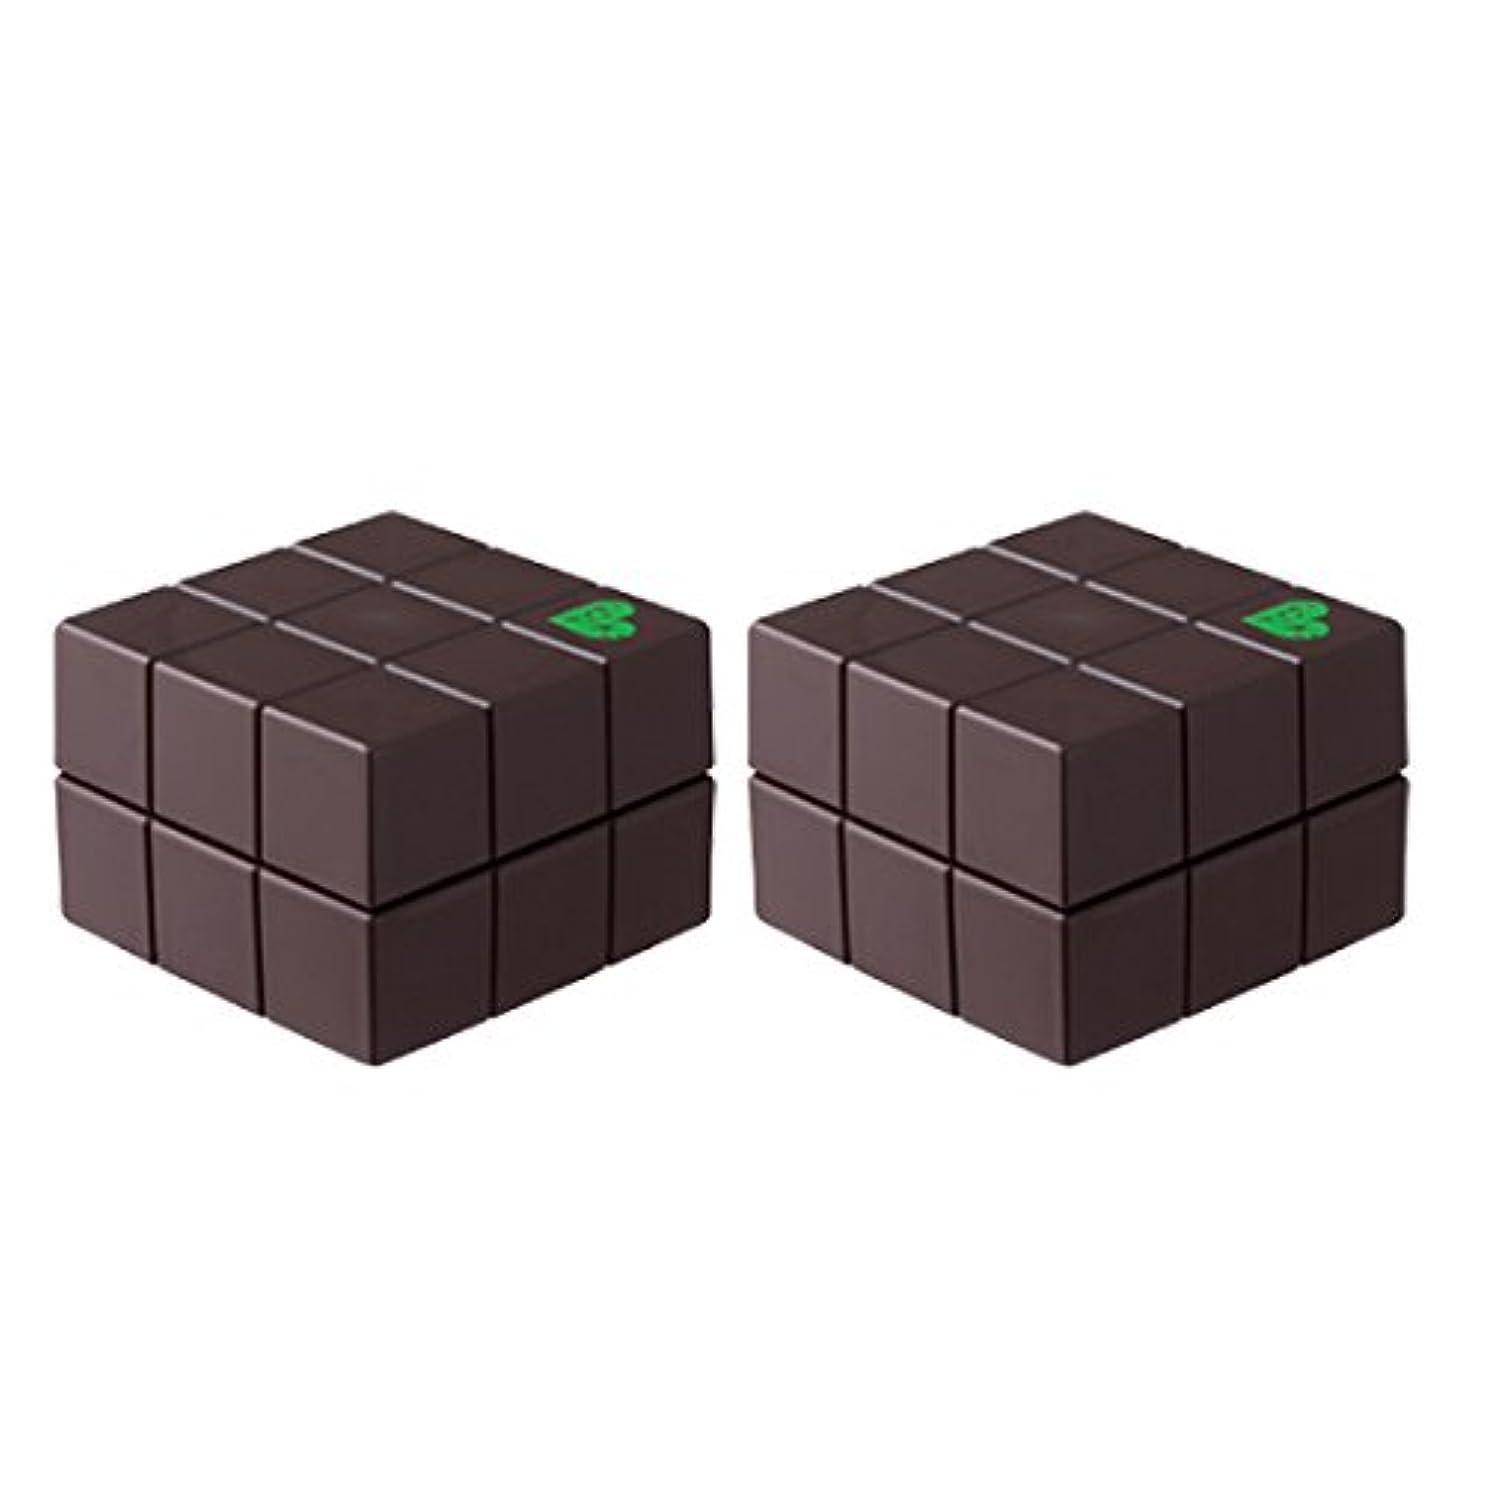 ぬるい経営者誰も【x2個セット】 アリミノ ピース プロデザインシリーズ ハードワックス チョコ 40g